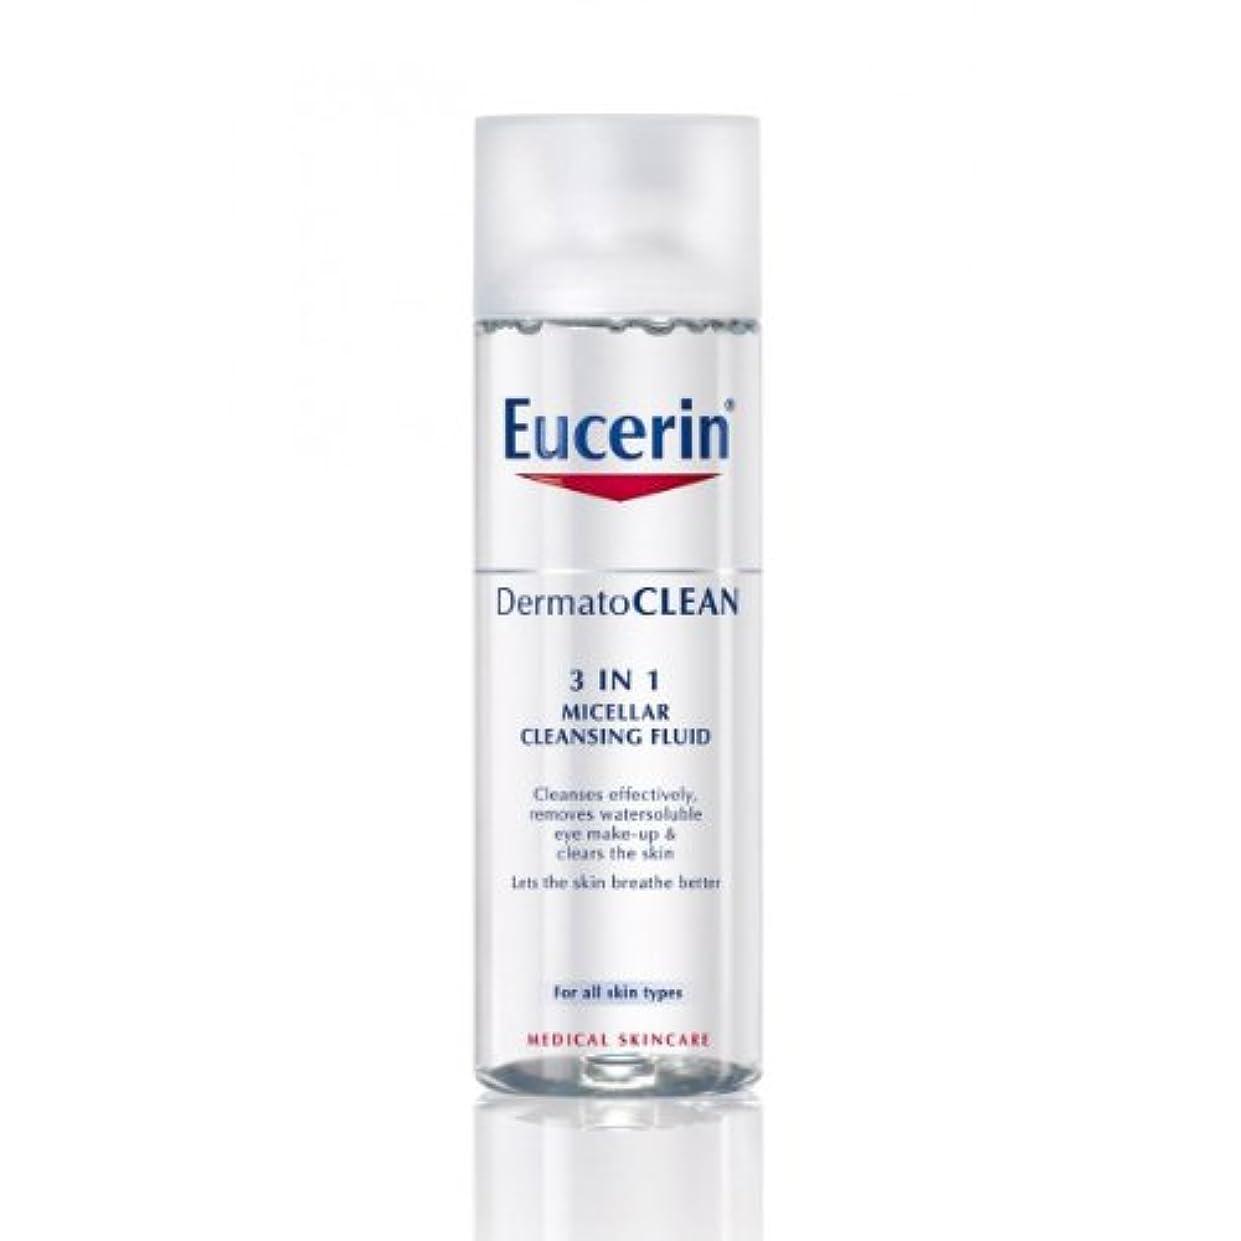 閲覧する敏感な簡単にEucerin Dermatoclean 3in1 Micellar Cleansing Fluid 200ml [並行輸入品]